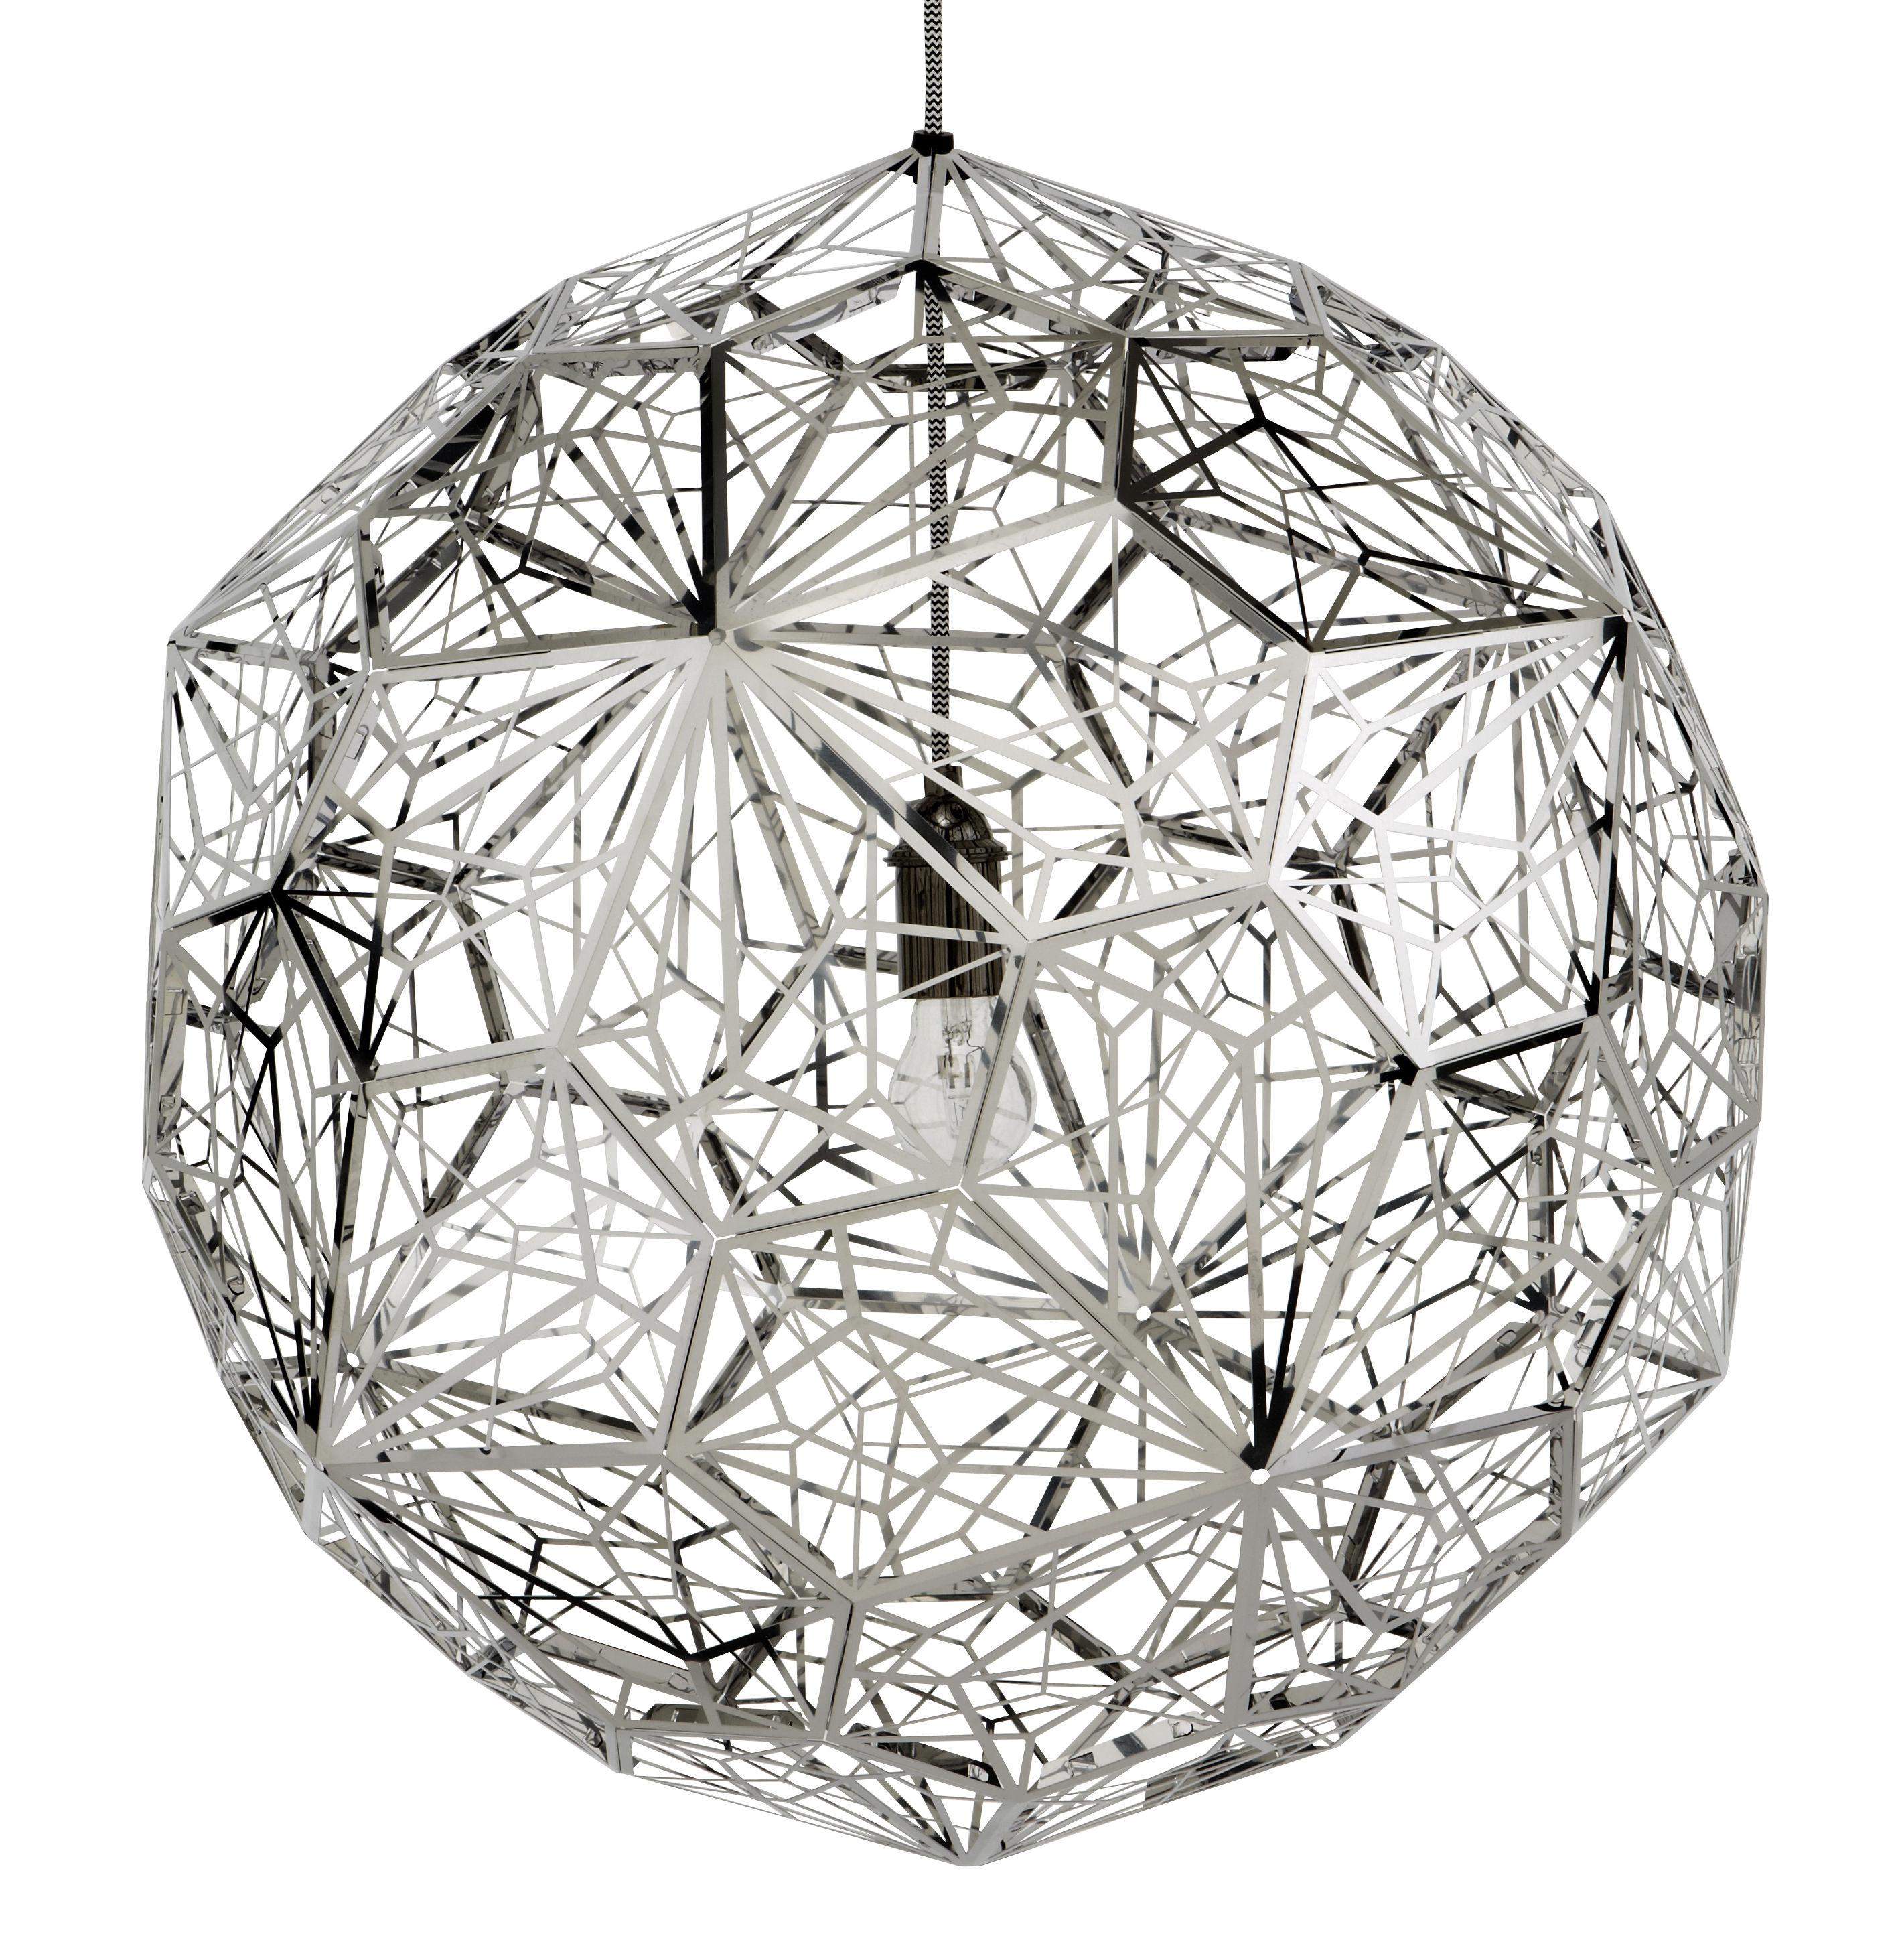 Leuchten - Pendelleuchten - Etch Web Pendelleuchte - Tom Dixon - Stahl - polierter rostfreier Stahl